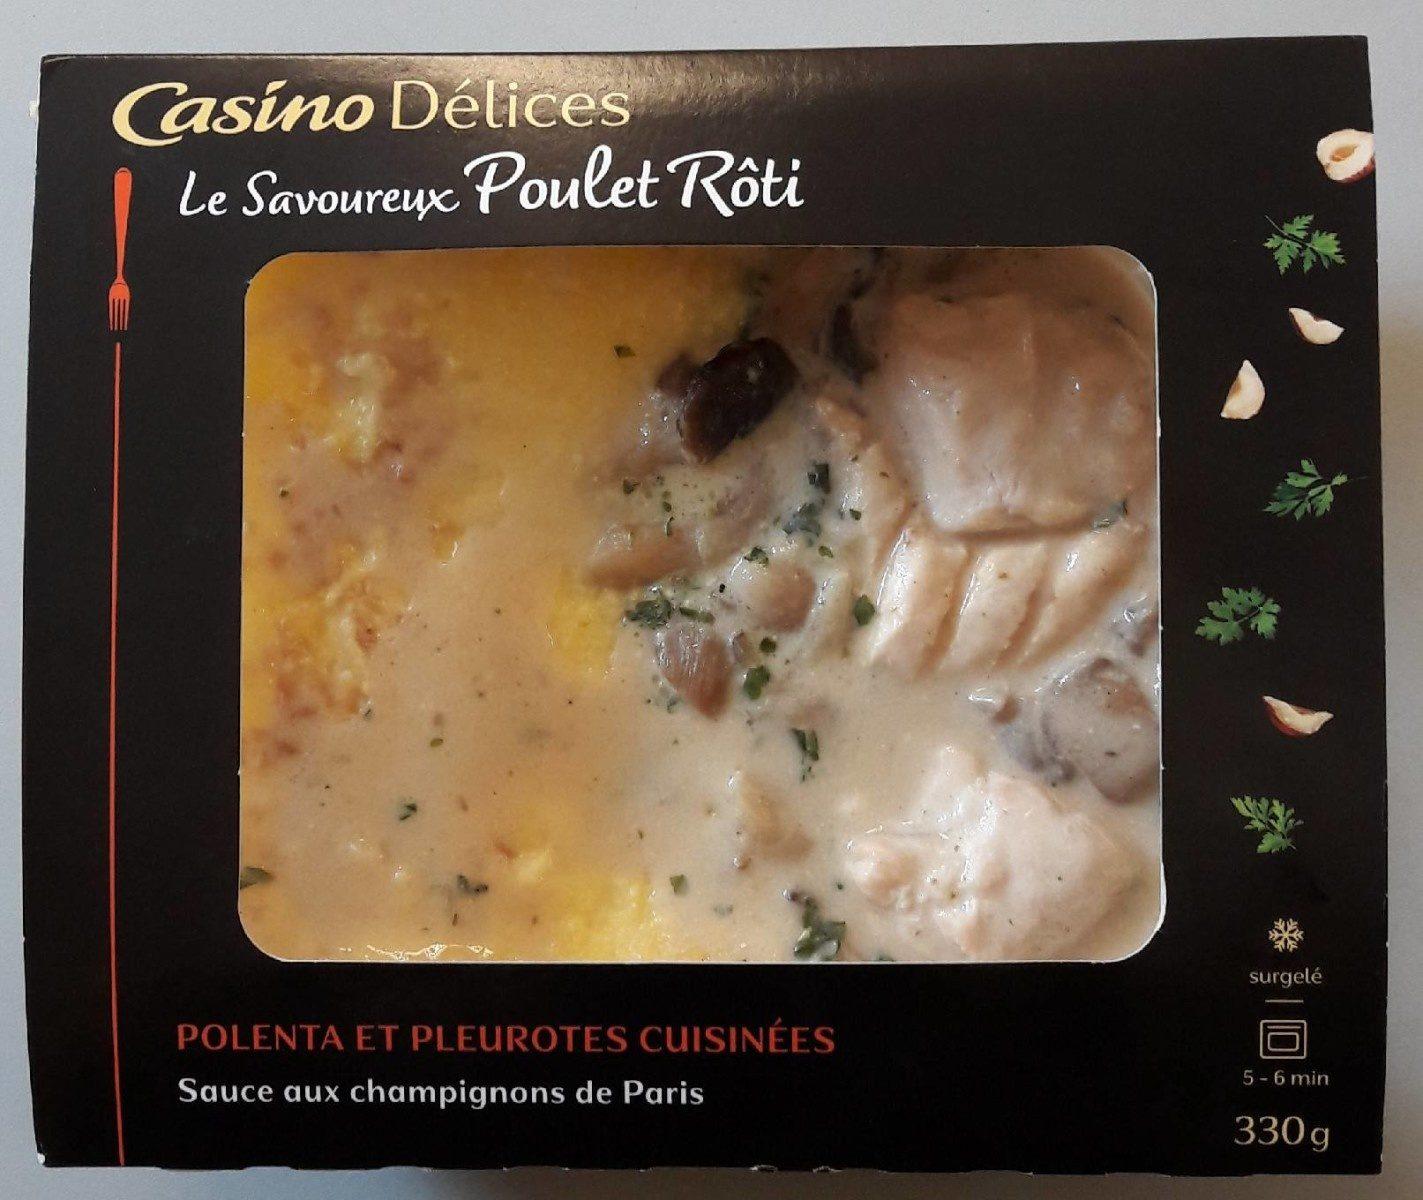 Le savoureux Poulet rôti polenta et pleurotes cuisinées - Sauce aux champignons de Paris - Product